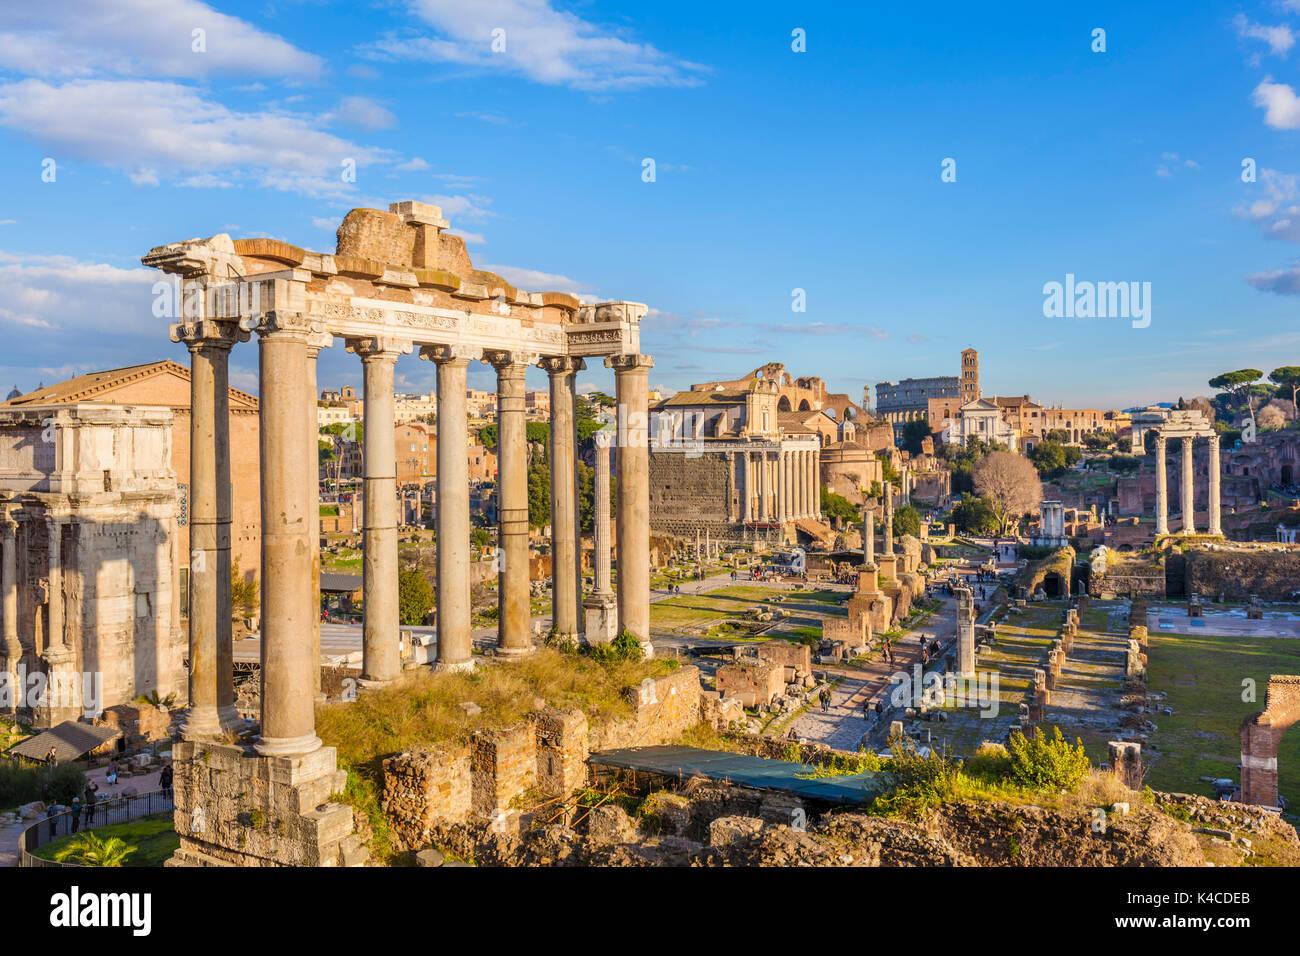 Roma Italia le colonne del Tempio di Saturno e la panoramica dei rovinato Foro Romano, Sito Patrimonio Mondiale dell'UNESCO, Roma, Lazio, l'Italia, Europa Immagini Stock